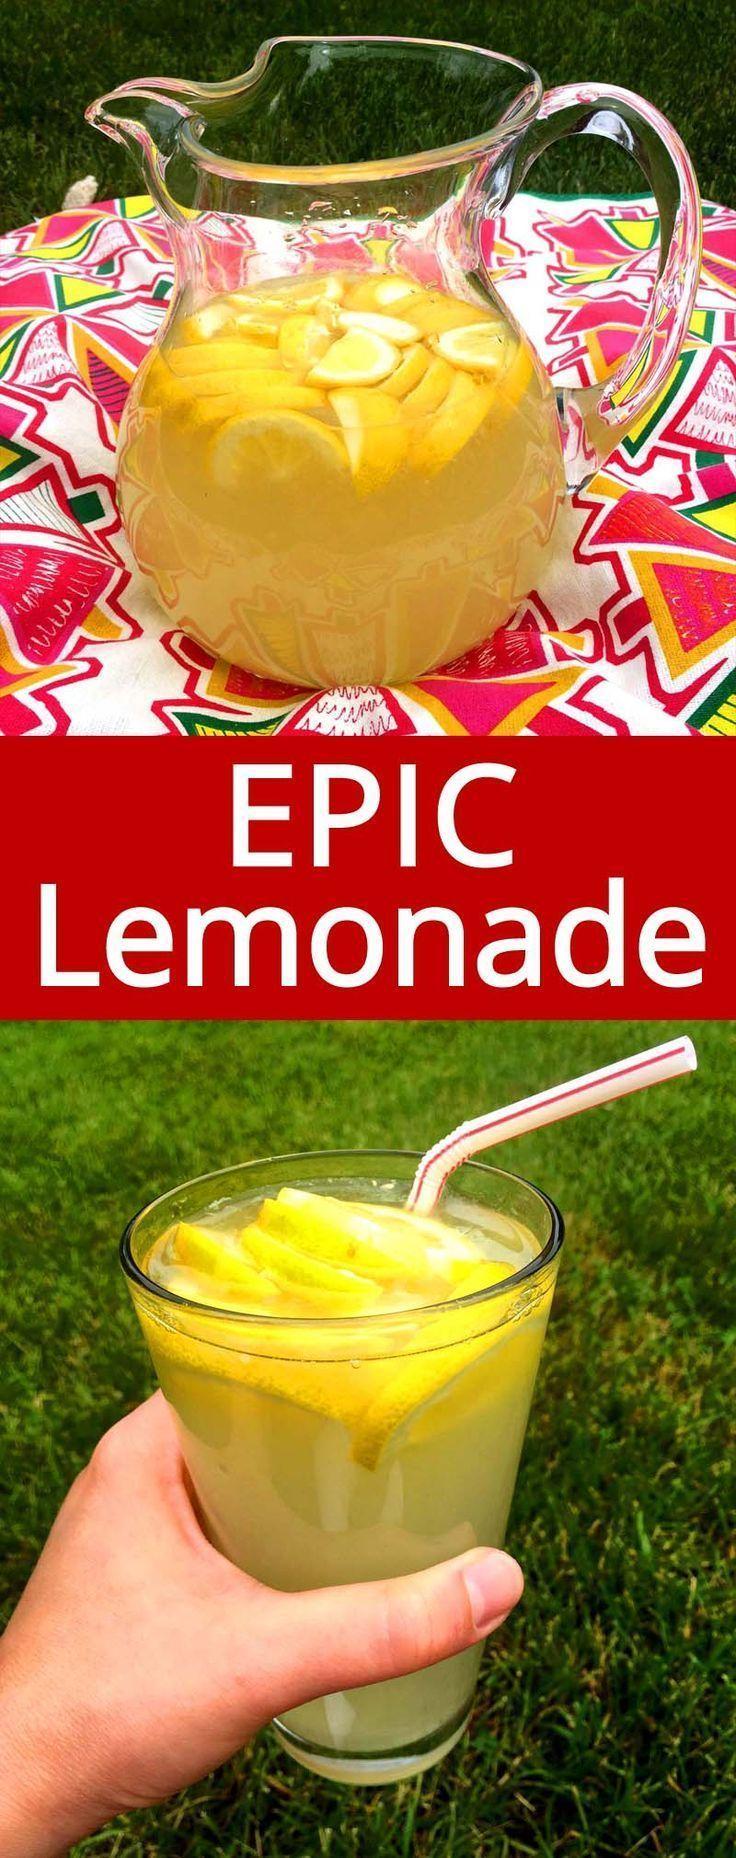 Best Ever Freshly Squeezed Lemonade #flavoredlemonade OMG best ever! Love this freshly squeezed homemade lemonade! This is the only lemonade recipe I'll ever need! #freshsqueezedlemonade Best Ever Freshly Squeezed Lemonade #flavoredlemonade OMG best ever! Love this freshly squeezed homemade lemonade! This is the only lemonade recipe I'll ever need! #homemadelemonaderecipes Best Ever Freshly Squeezed Lemonade #flavoredlemonade OMG best ever! Love this freshly squeezed homemade lemonade! This is t #freshsqueezedlemonade